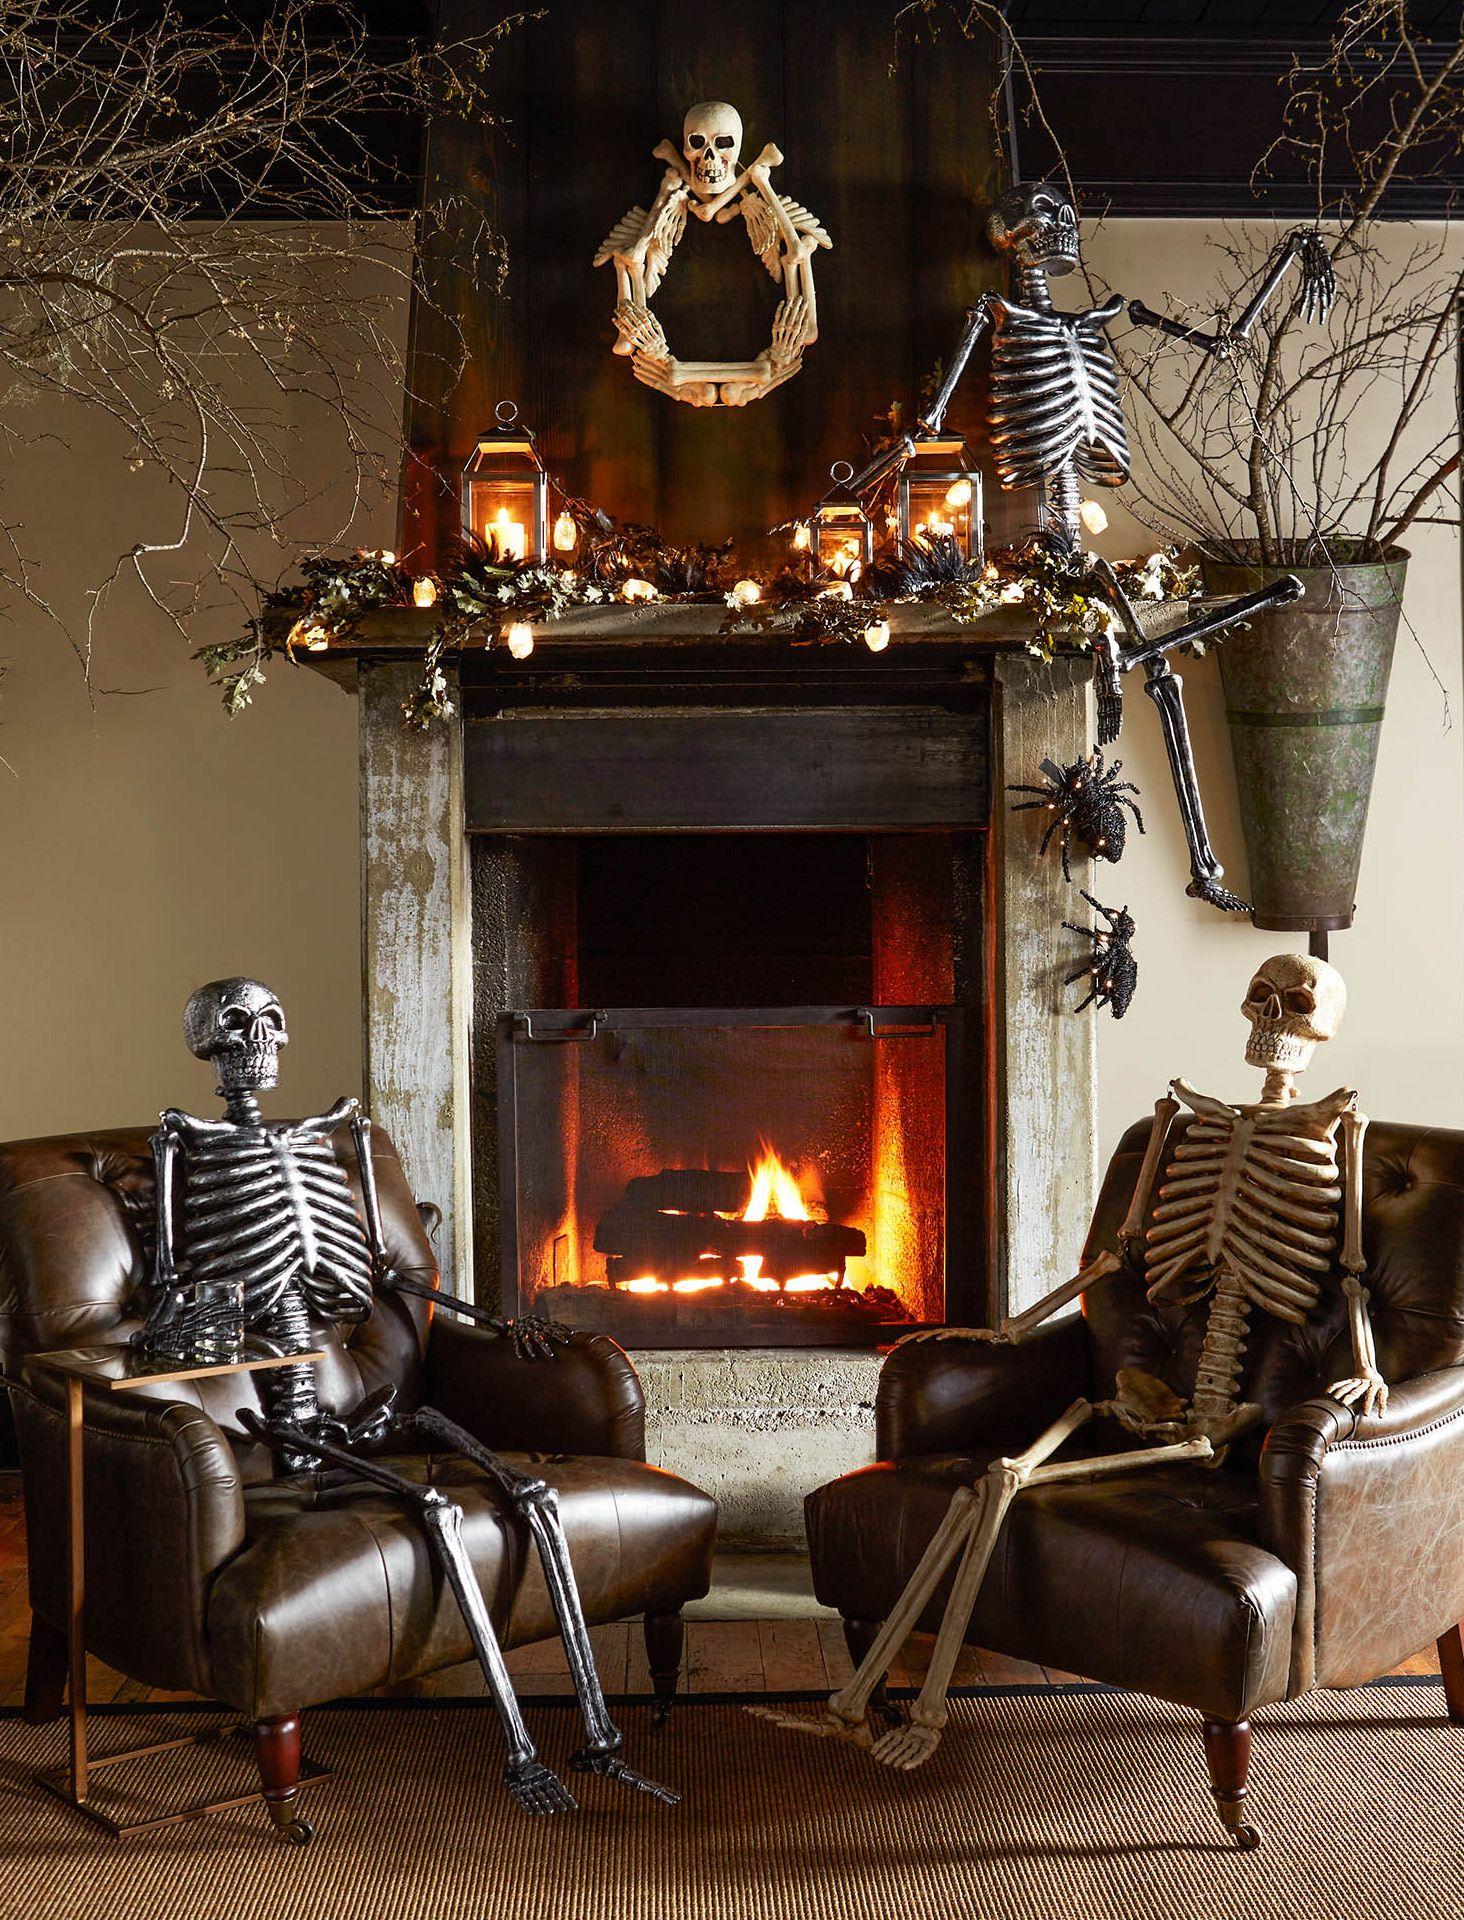 Outdoor Mr Bones Natural Halloween House Halloween